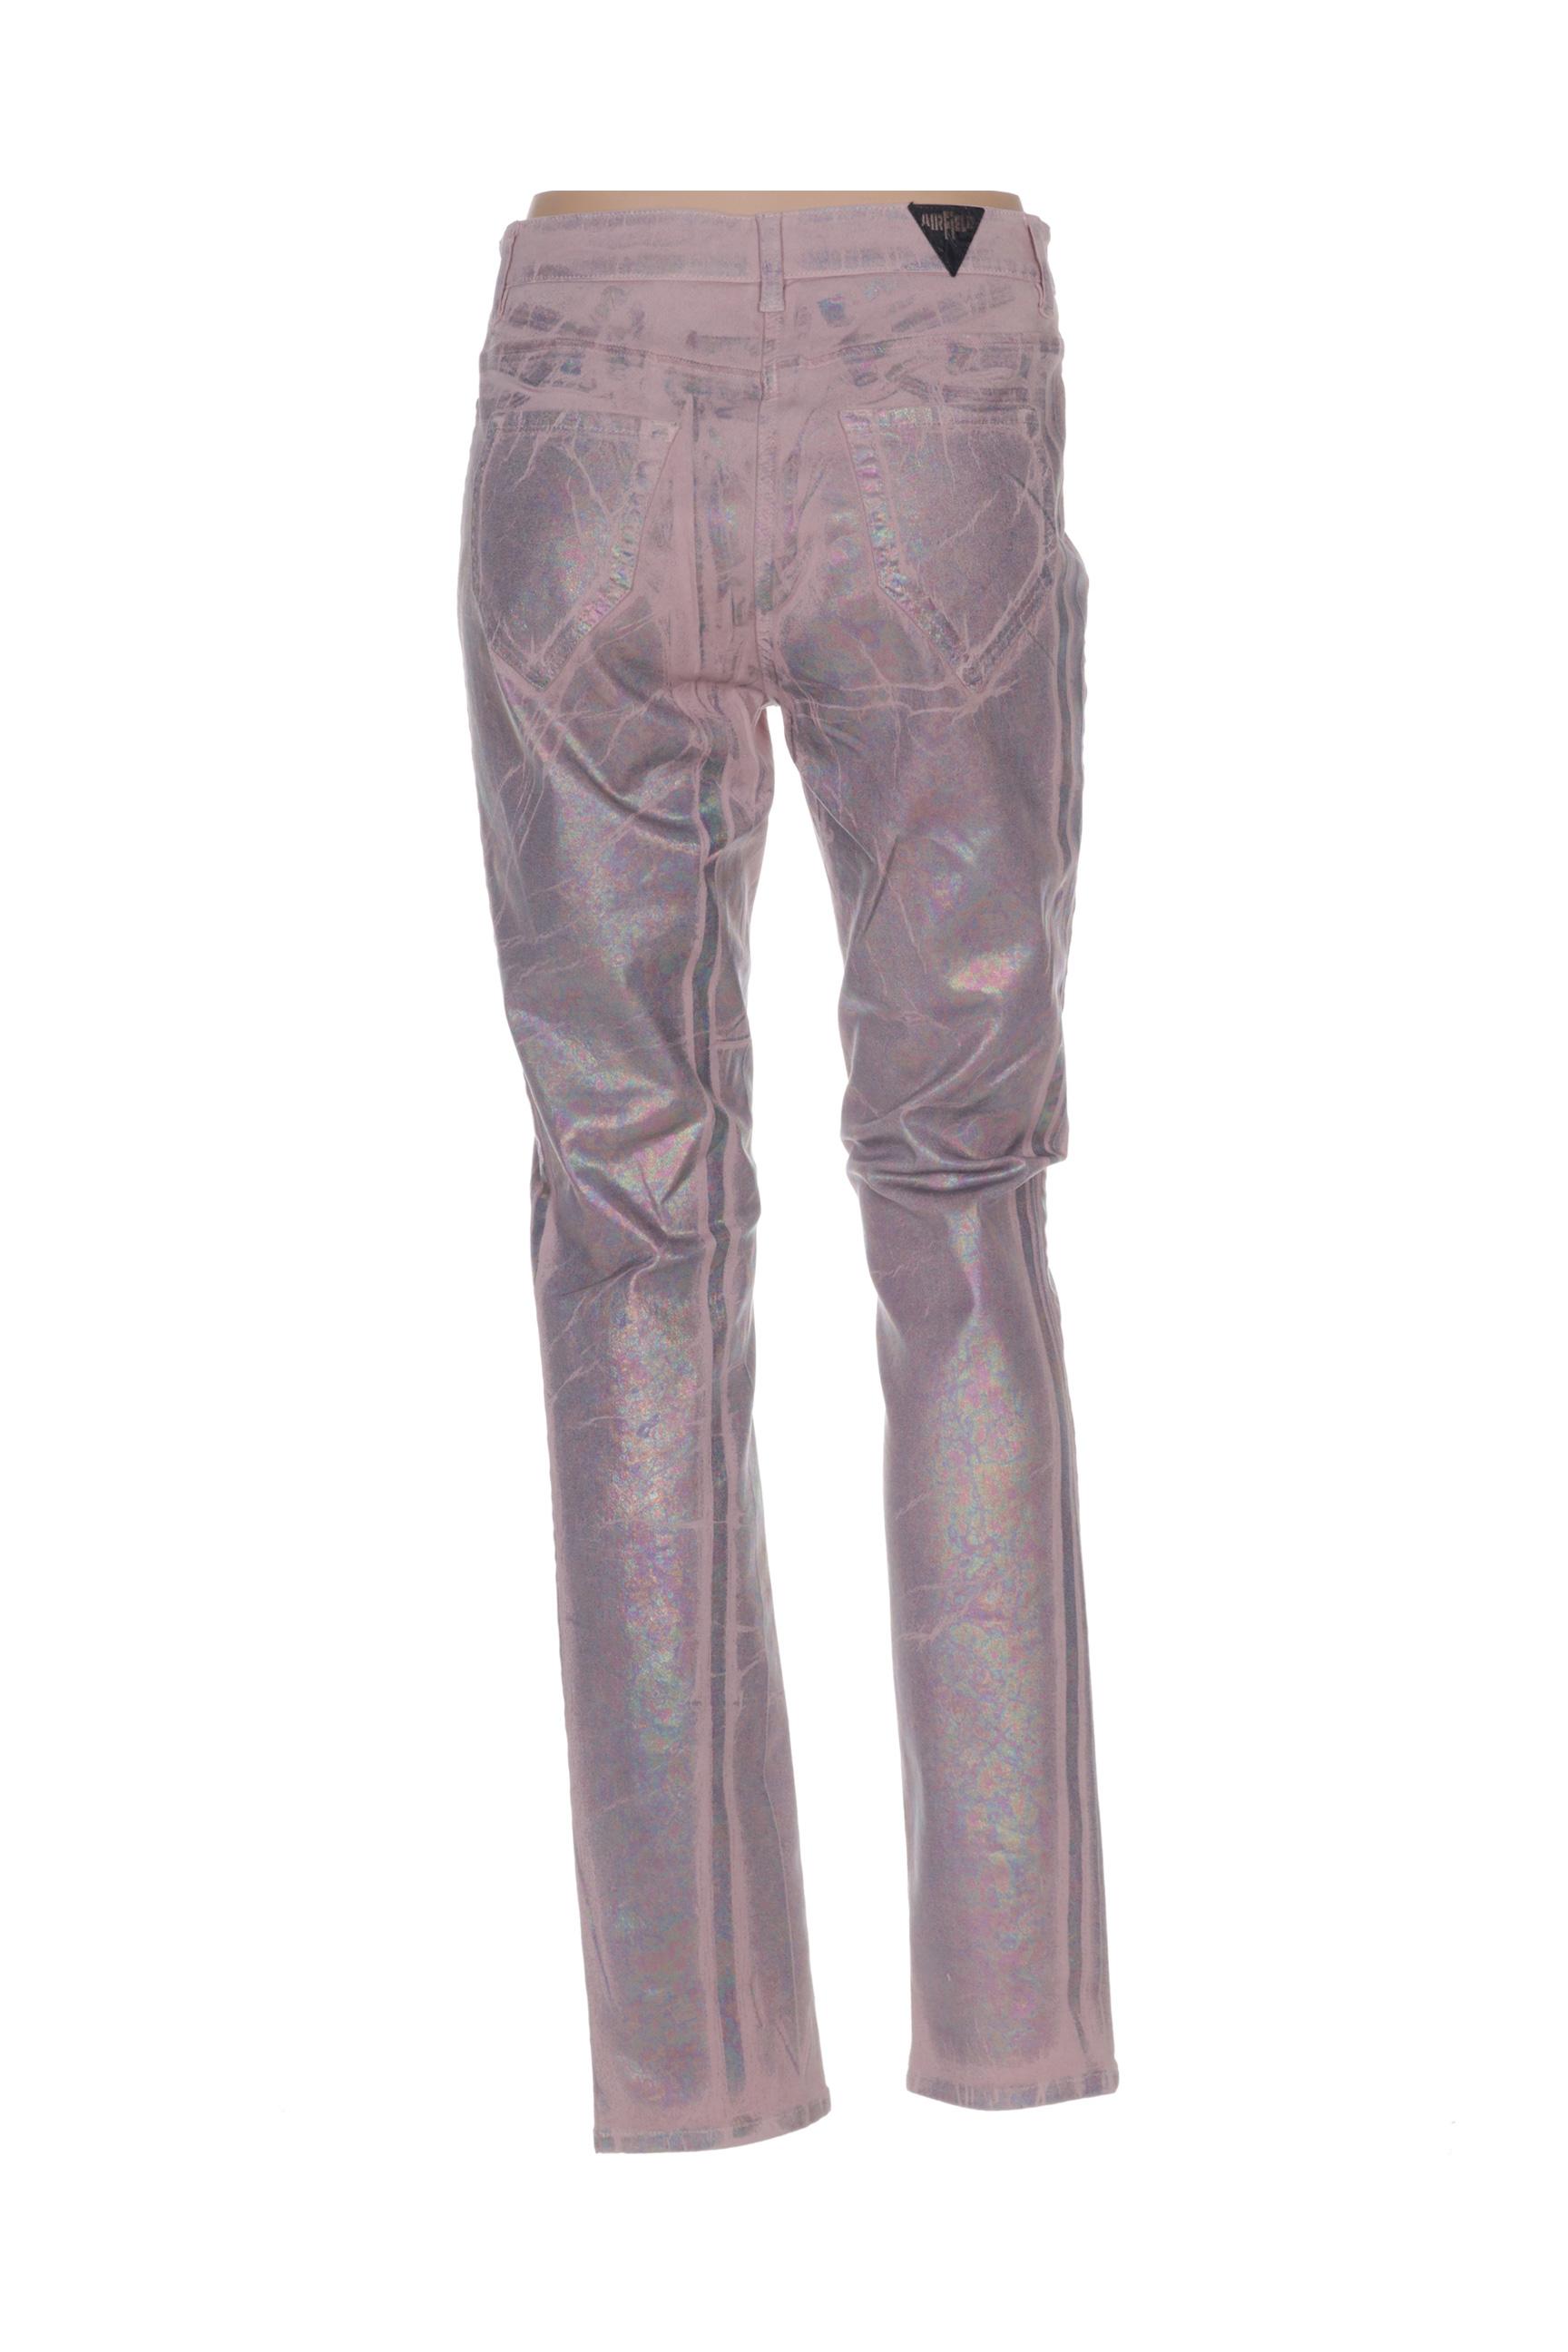 Airfield Pantalons Decontractes Femme De Couleur Rose En Soldes Pas Cher 1319163-rose00